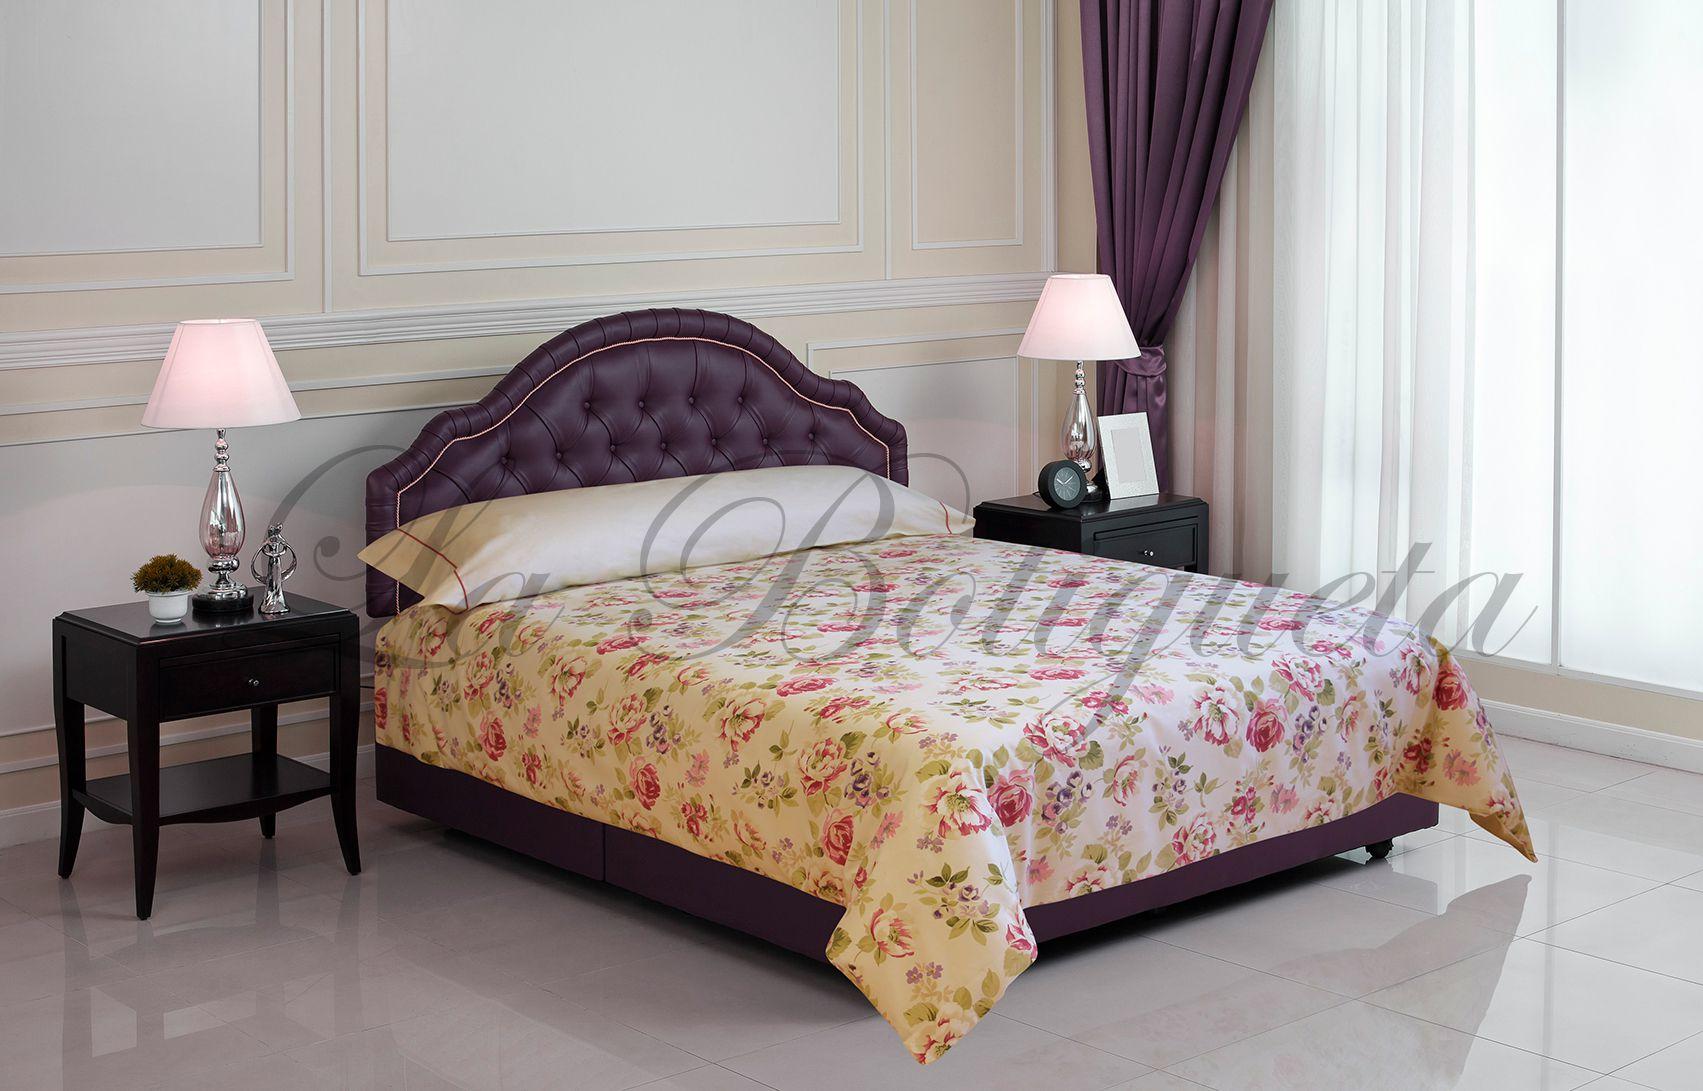 Cortinas para habitaci n y dormitorio de matrimonio modernas for Habitaciones matrimonio baratas